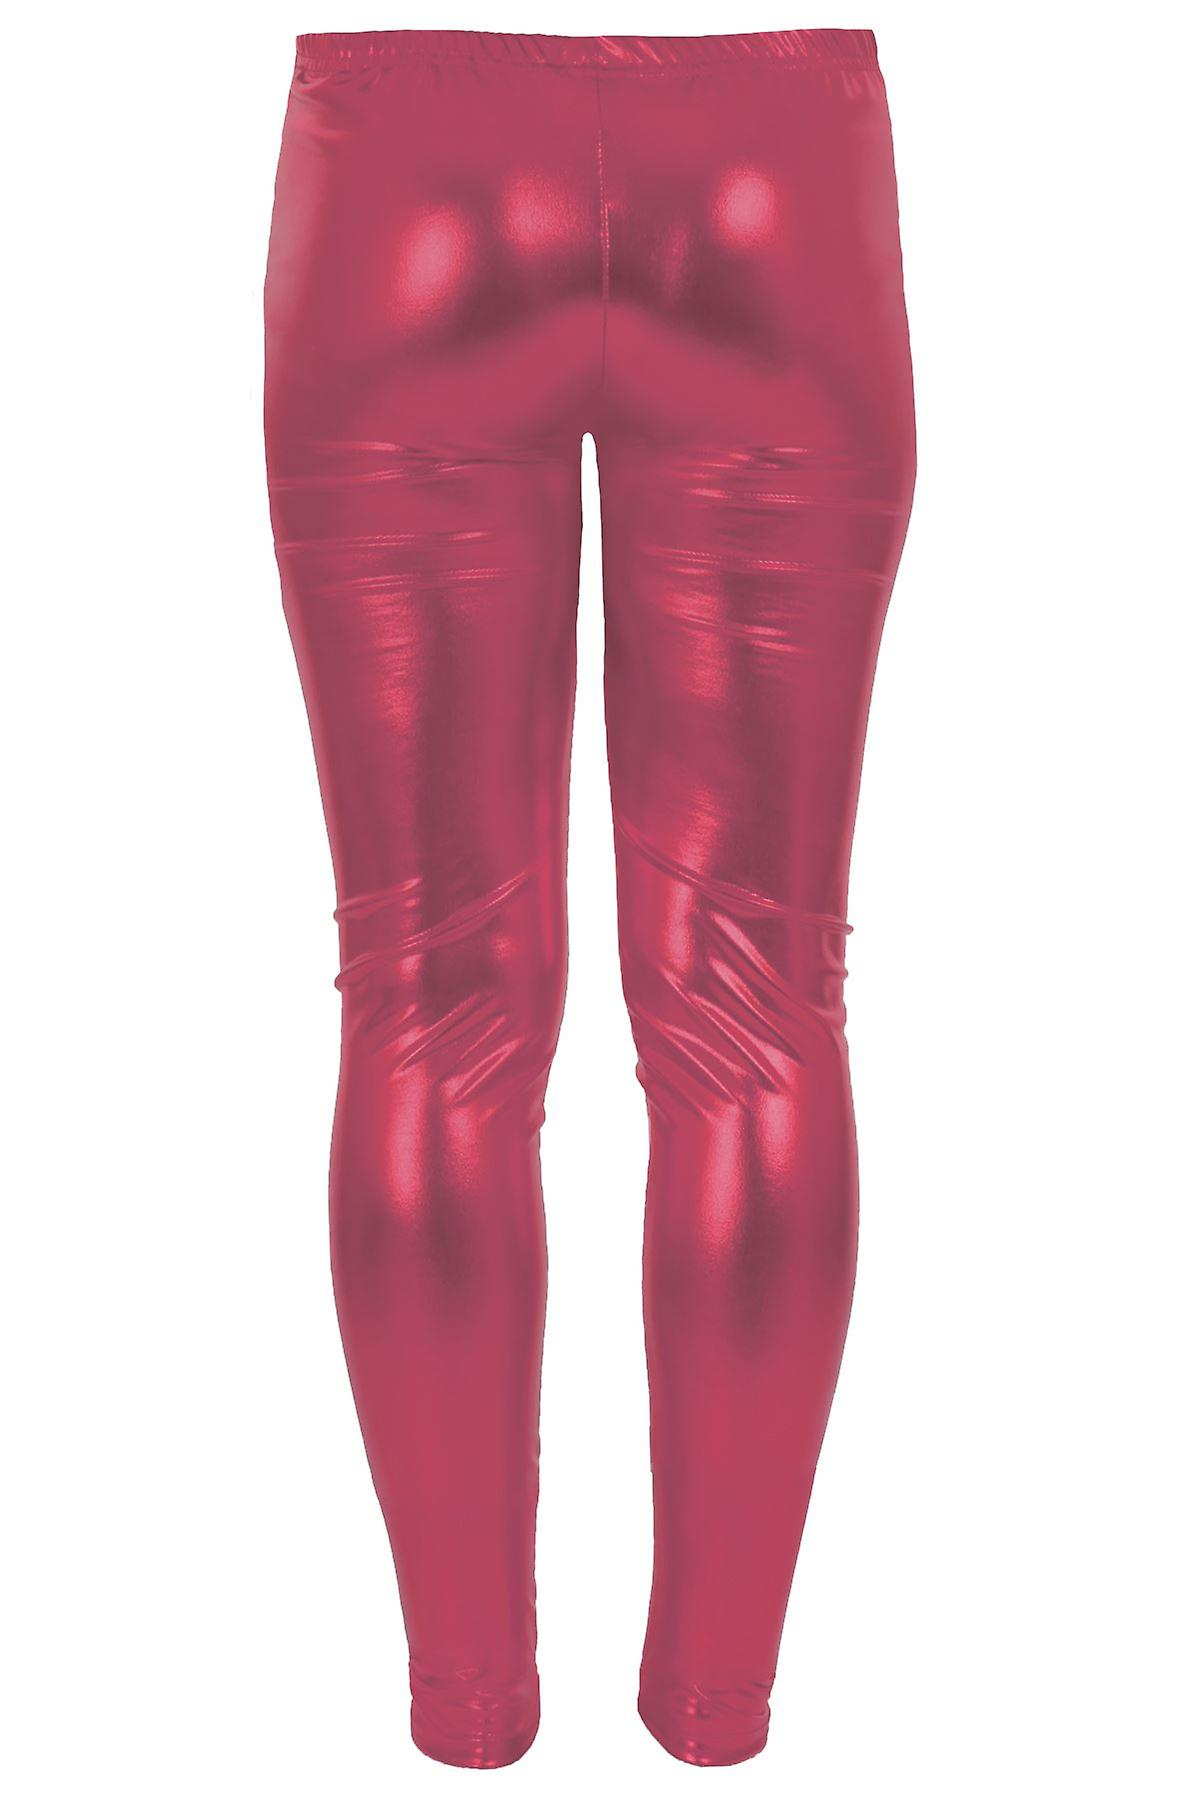 Girls Kid's Metallic Shiny Children's Wet Look Footless Party Disco Pants Leggings